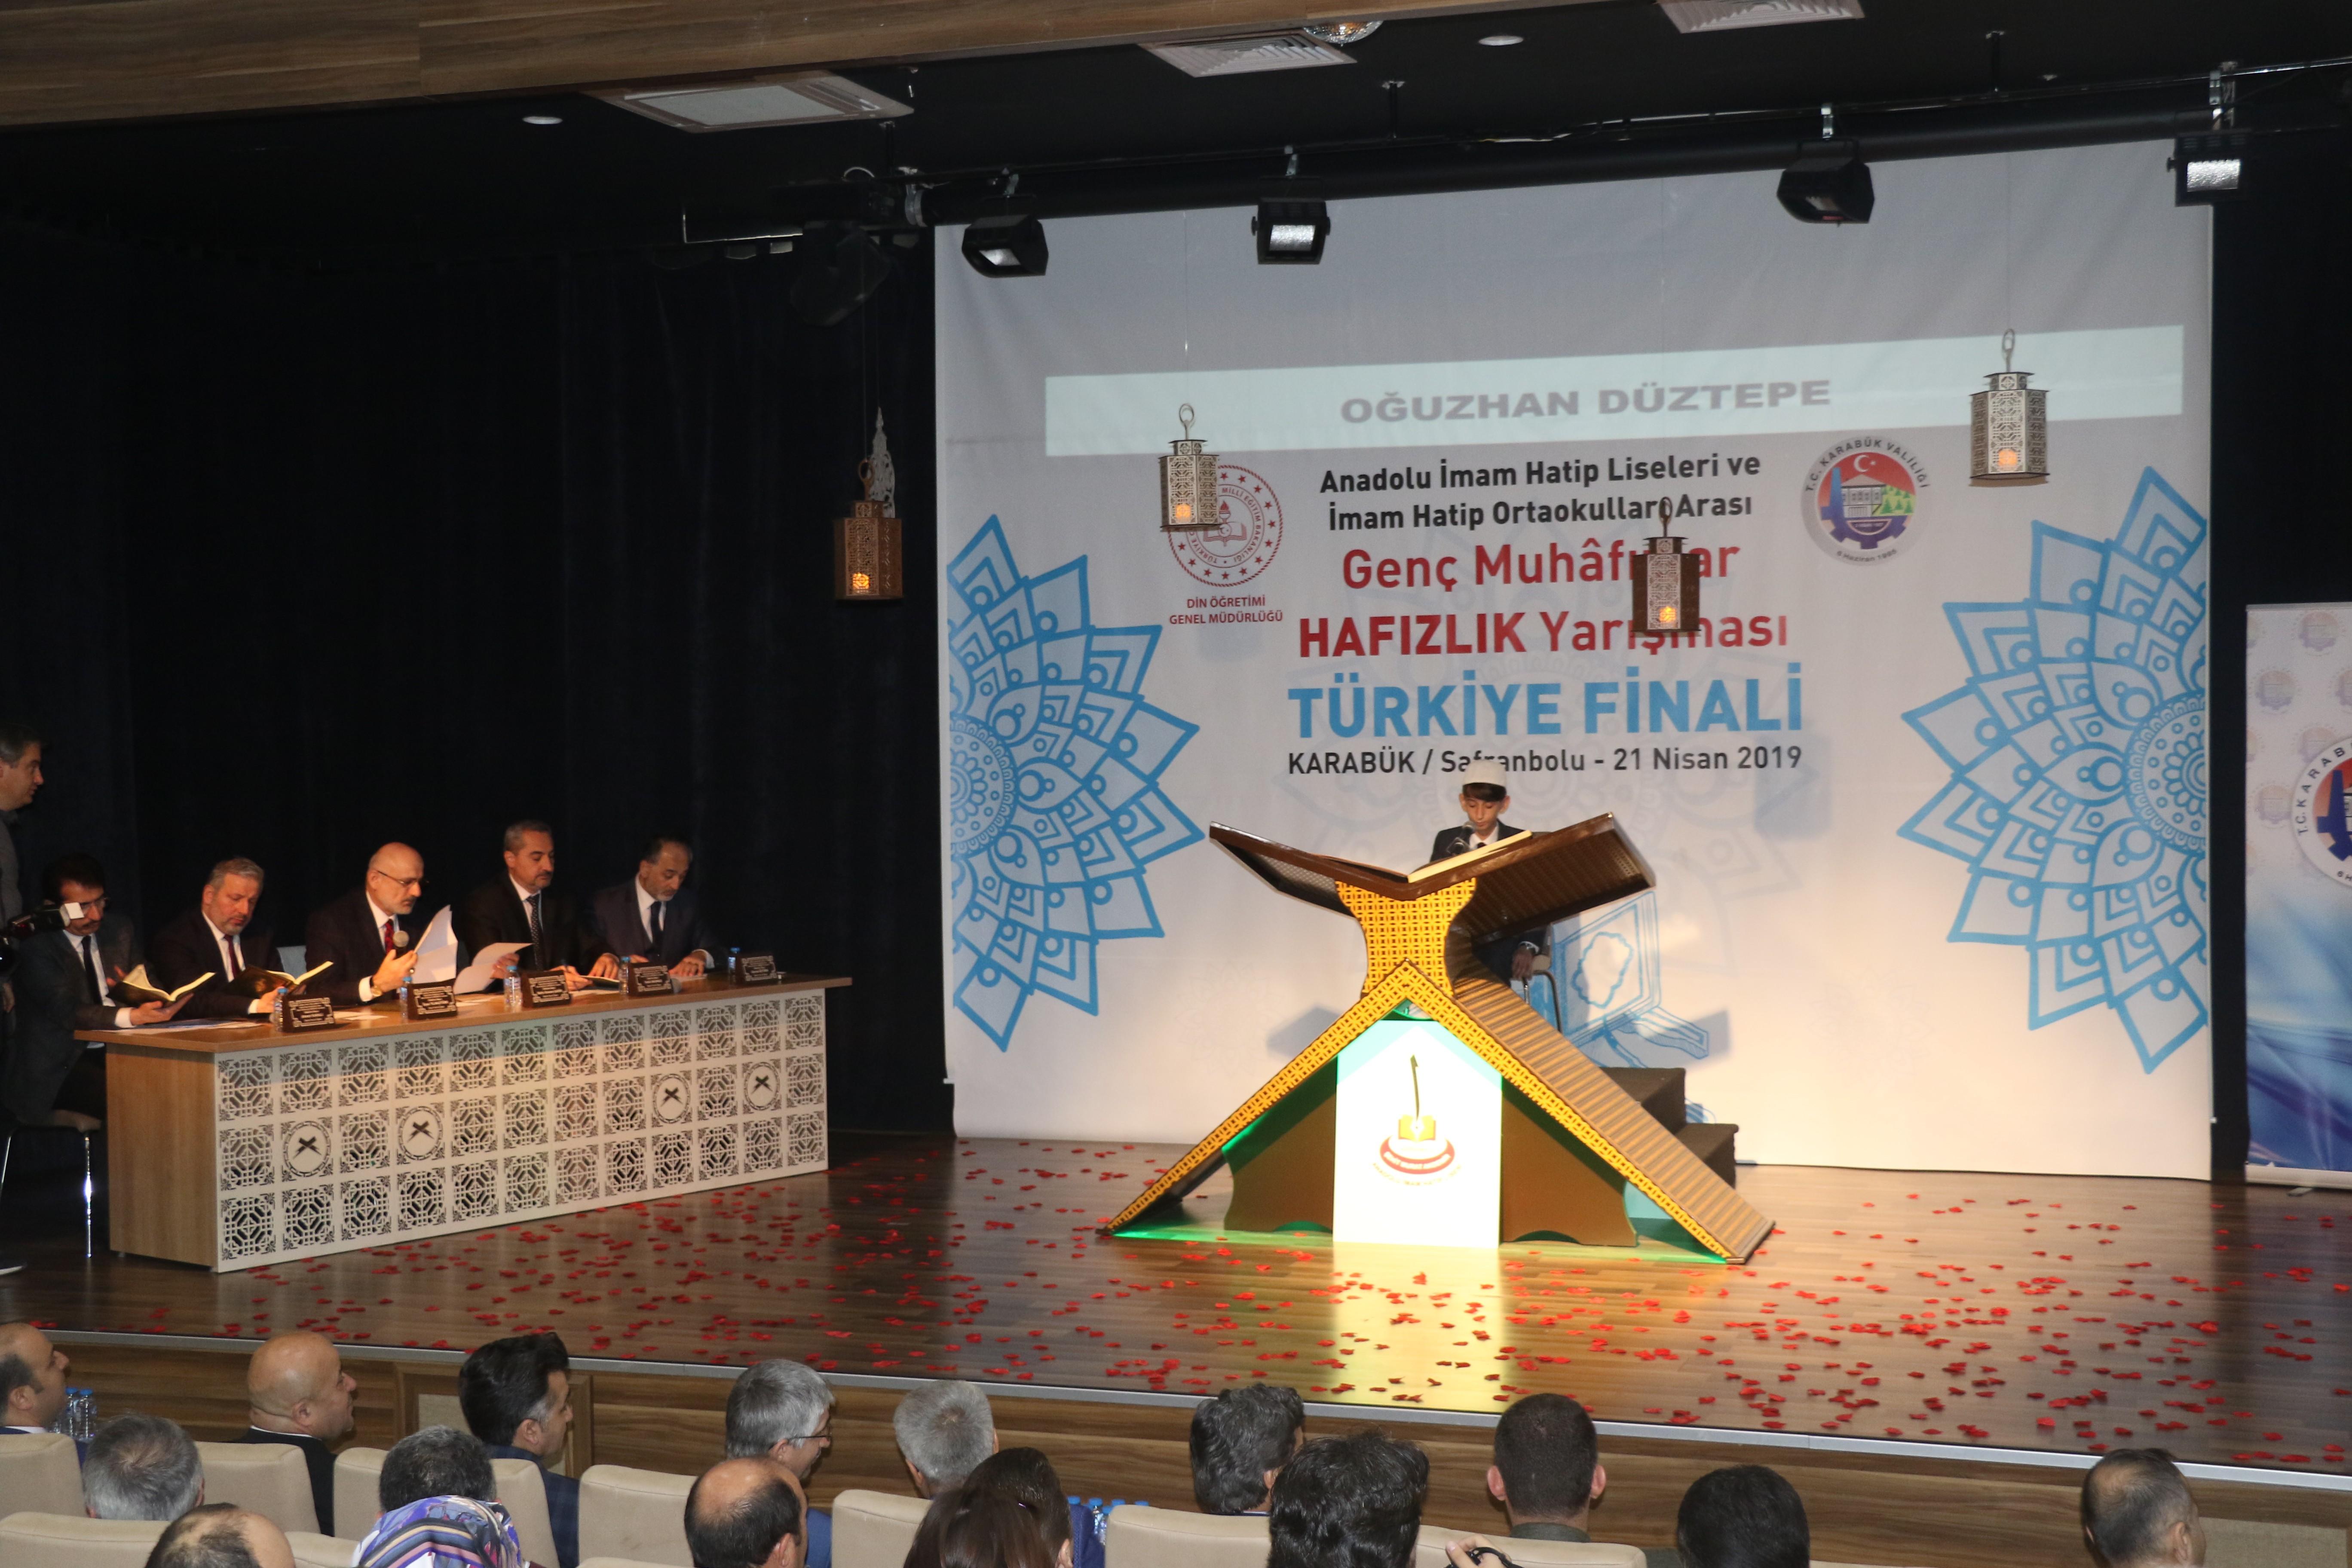 Genç Muhafızlar 'Hafızlık' Türkiye finalinde yarıştı